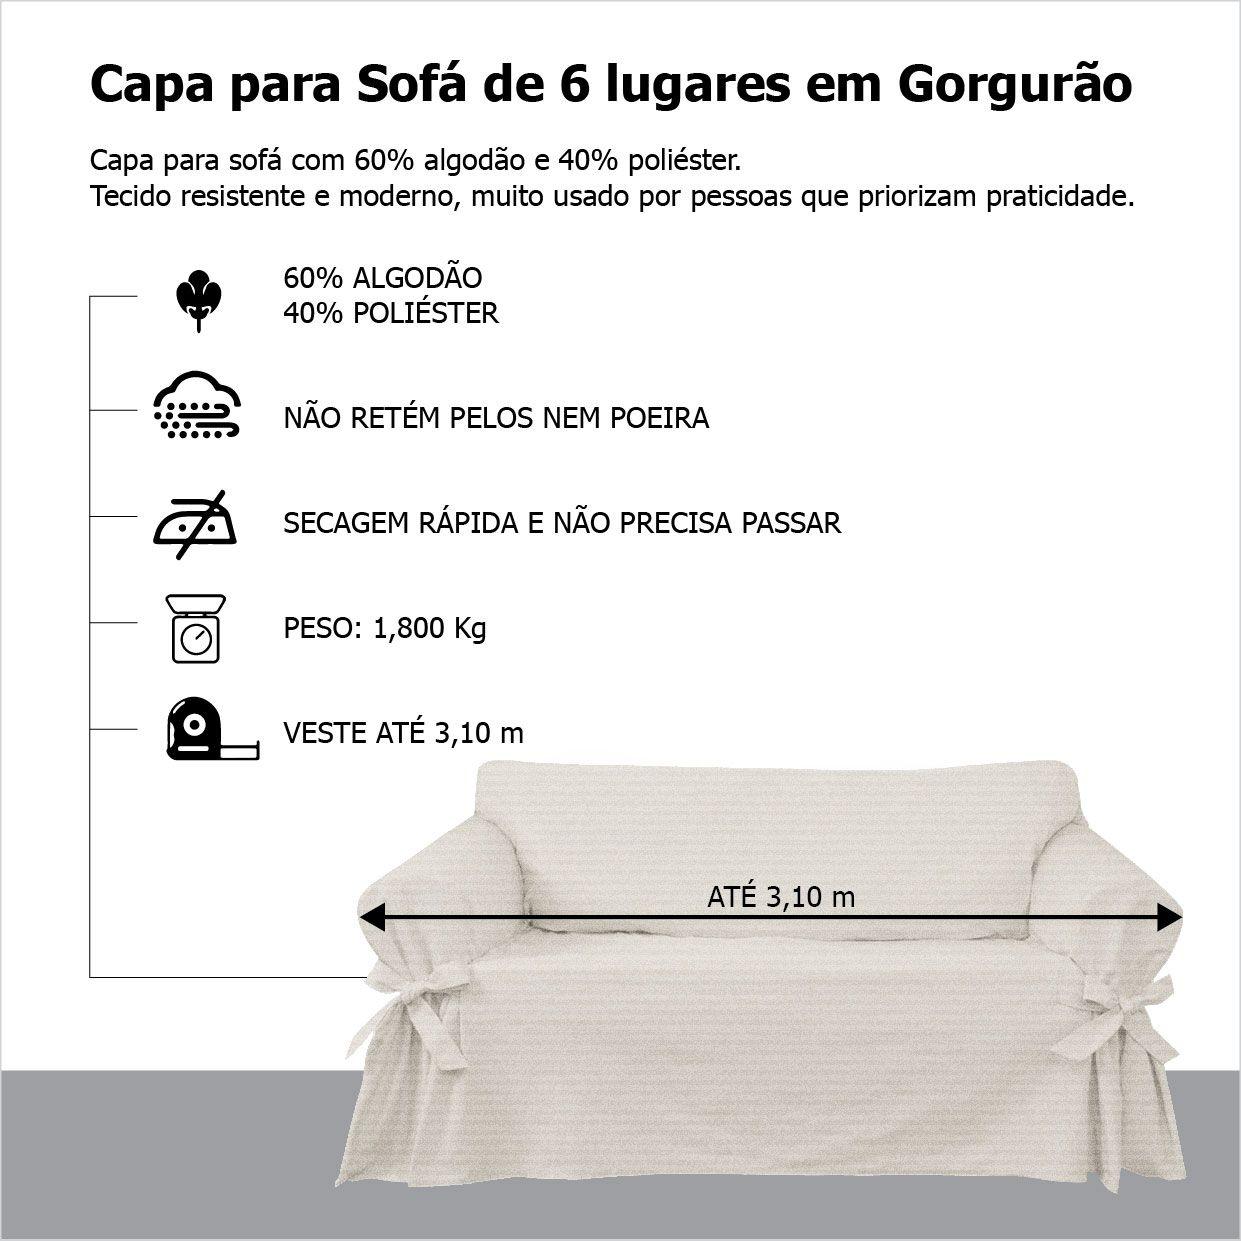 Capa p/ Sofá de 6 Lug CRUA em Gorgurão